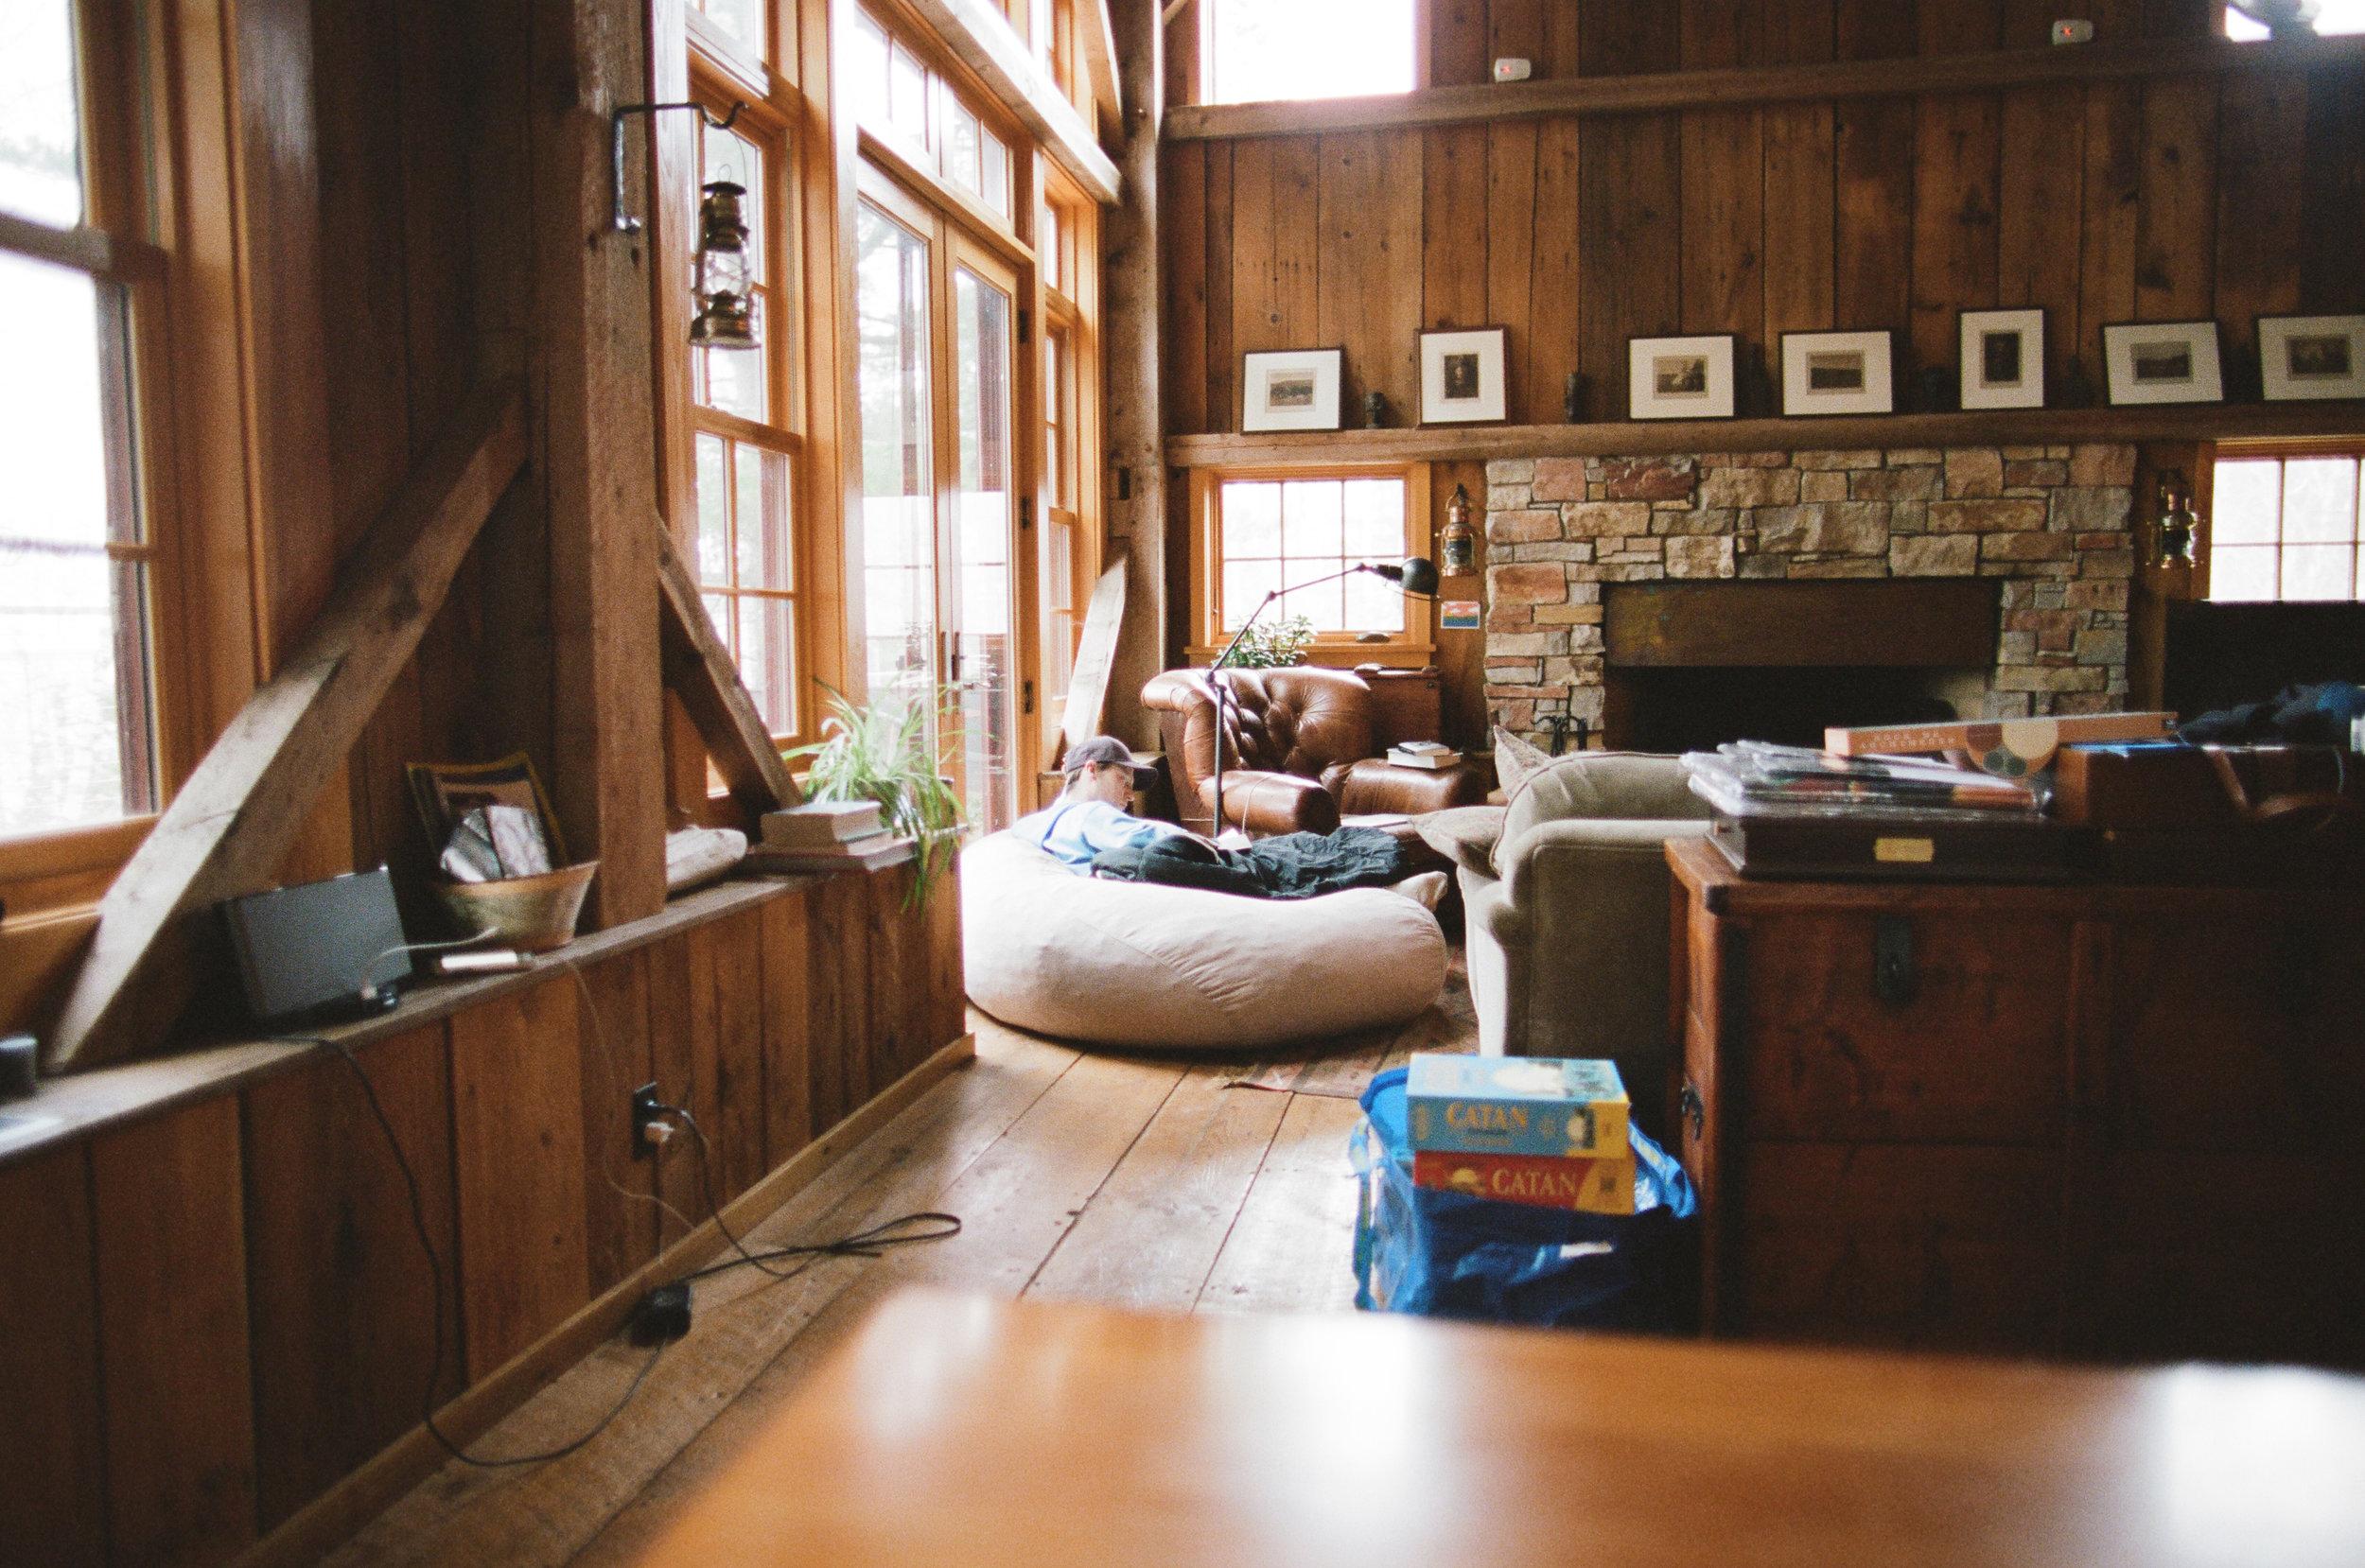 Lifestyle Family Adventure Photographer based in Seattle, Washington